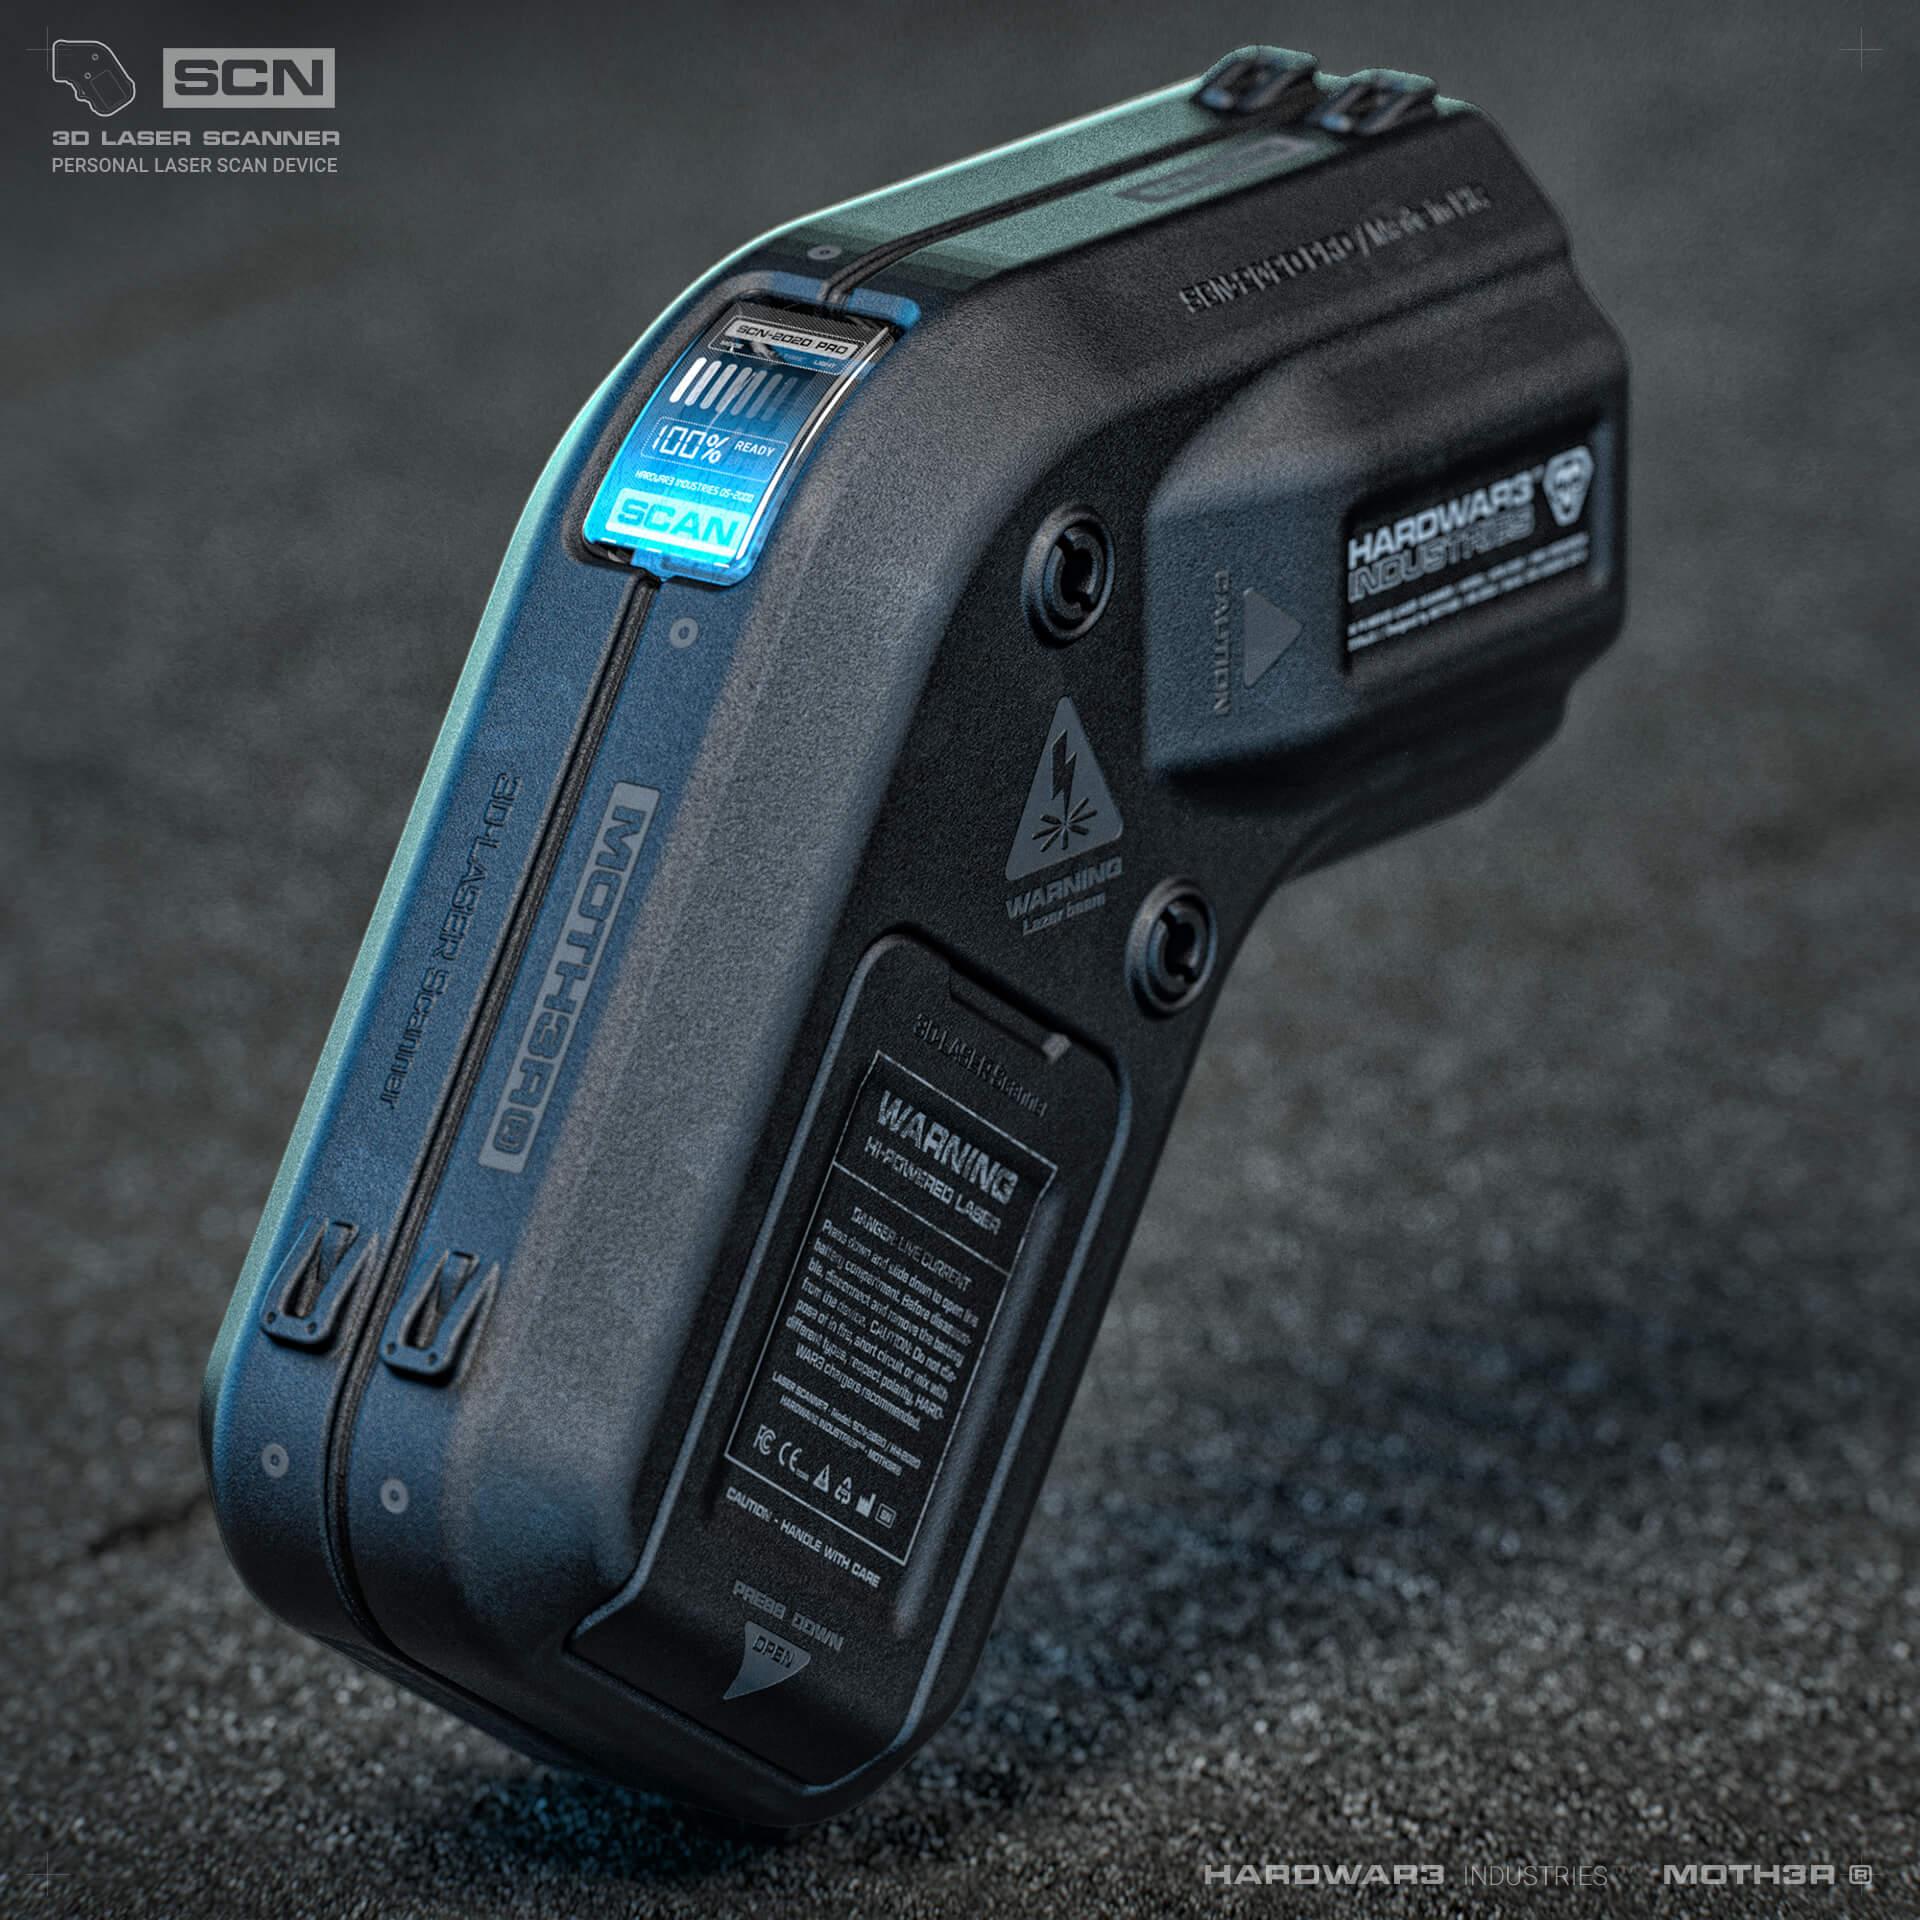 Scanner-001.71